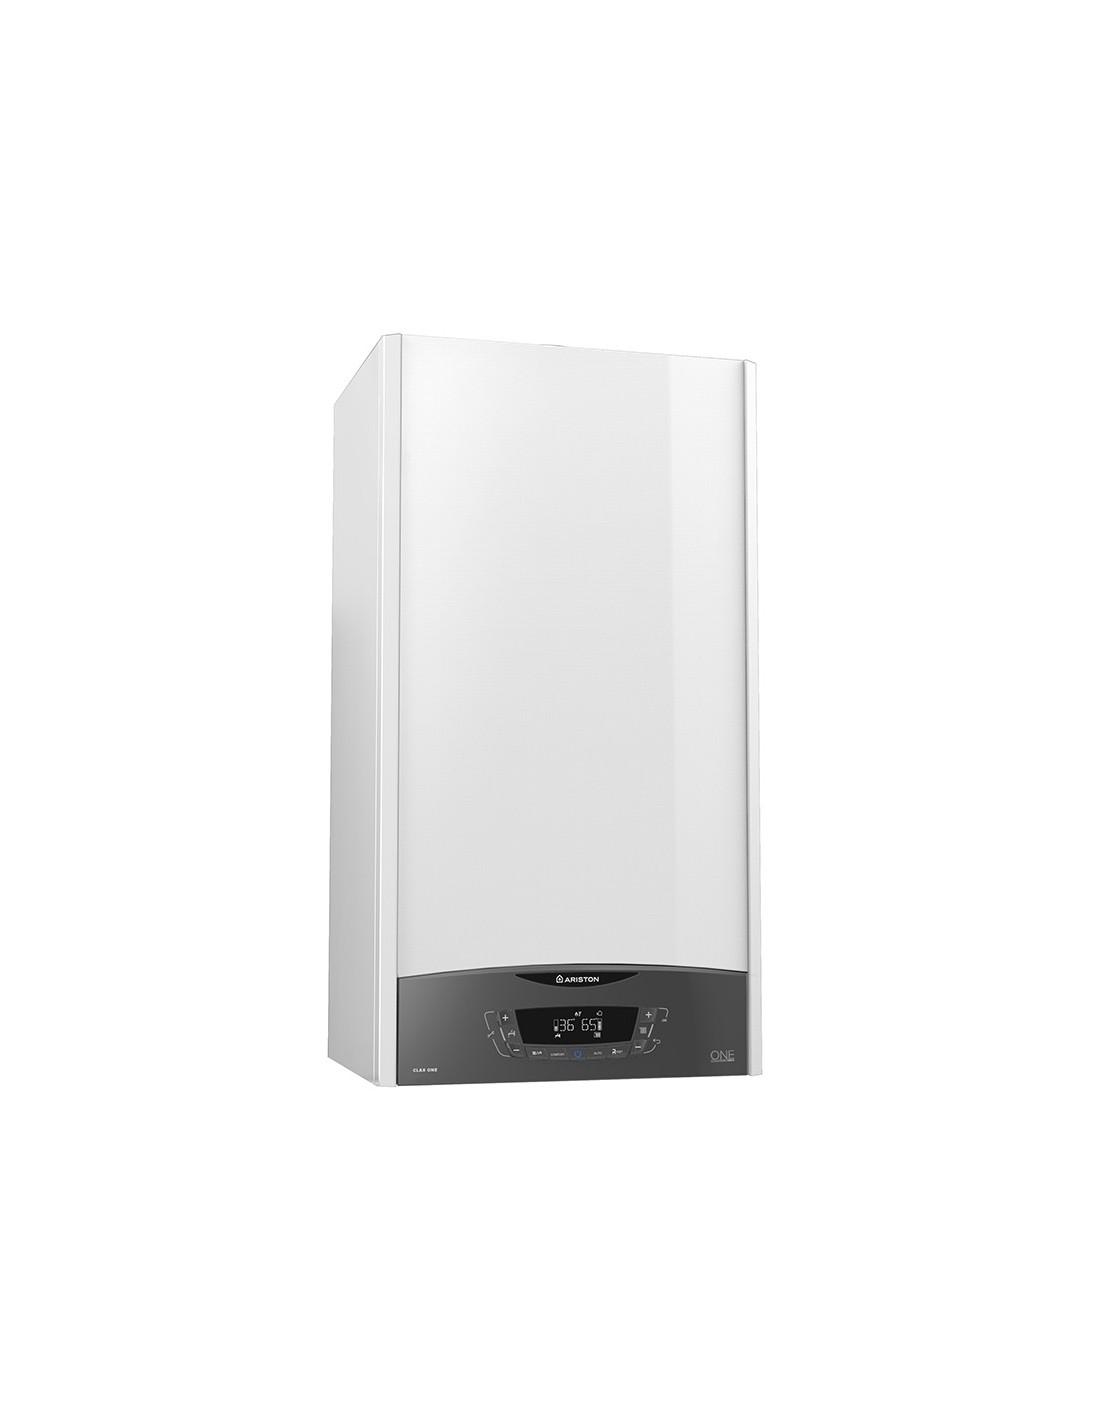 Ariston Clas One System 24 fali kondenzációs fűtő gázkazán